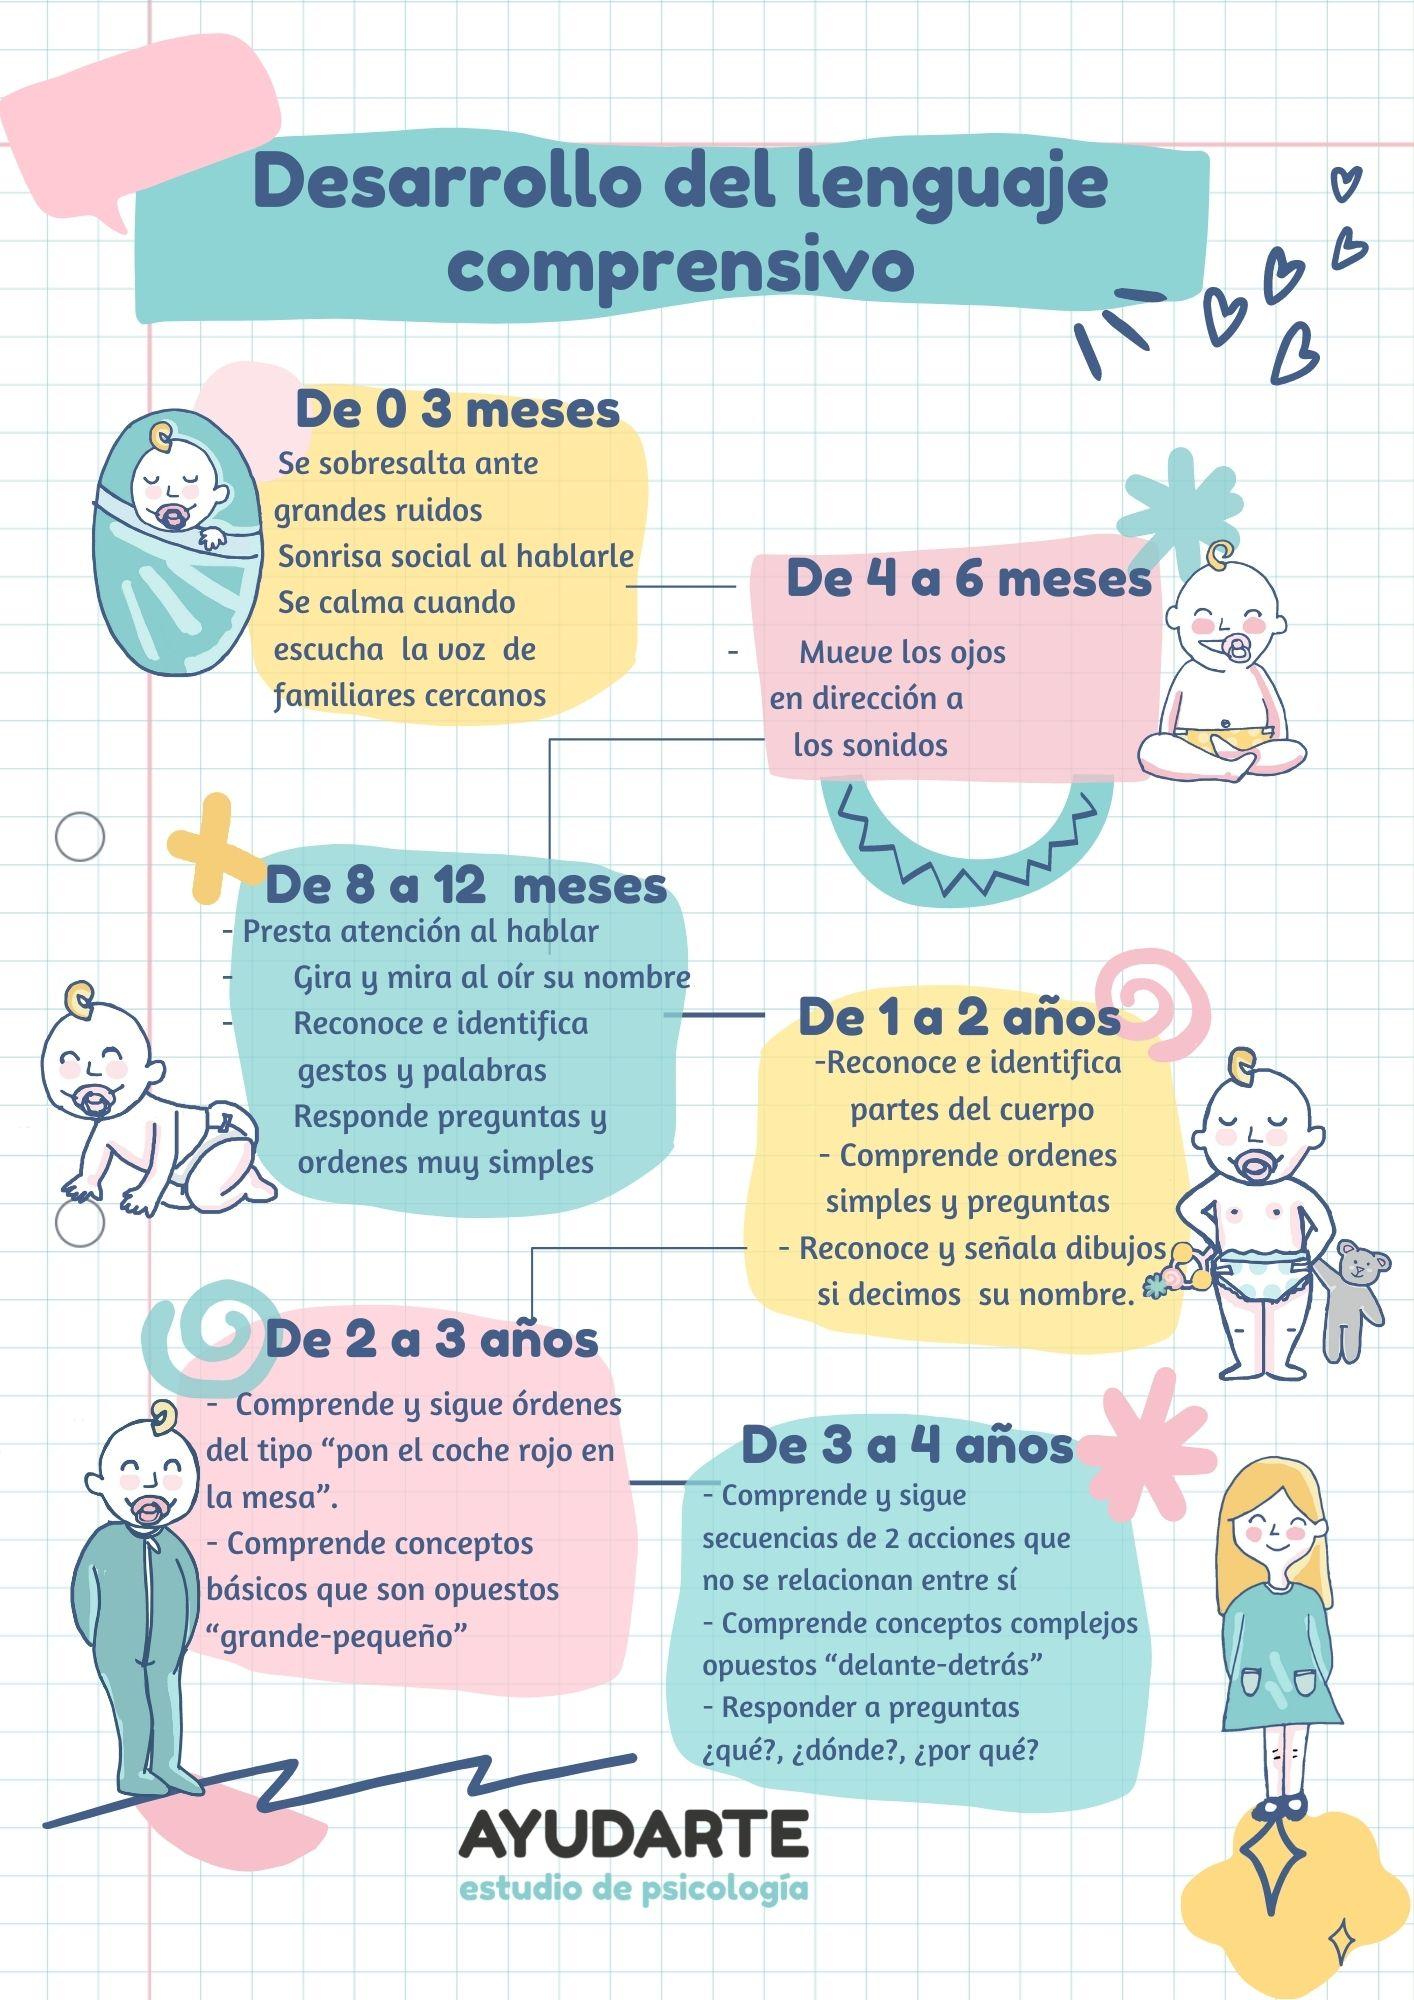 desarrollo del lenguaje expresivo y comprensivo en el niño